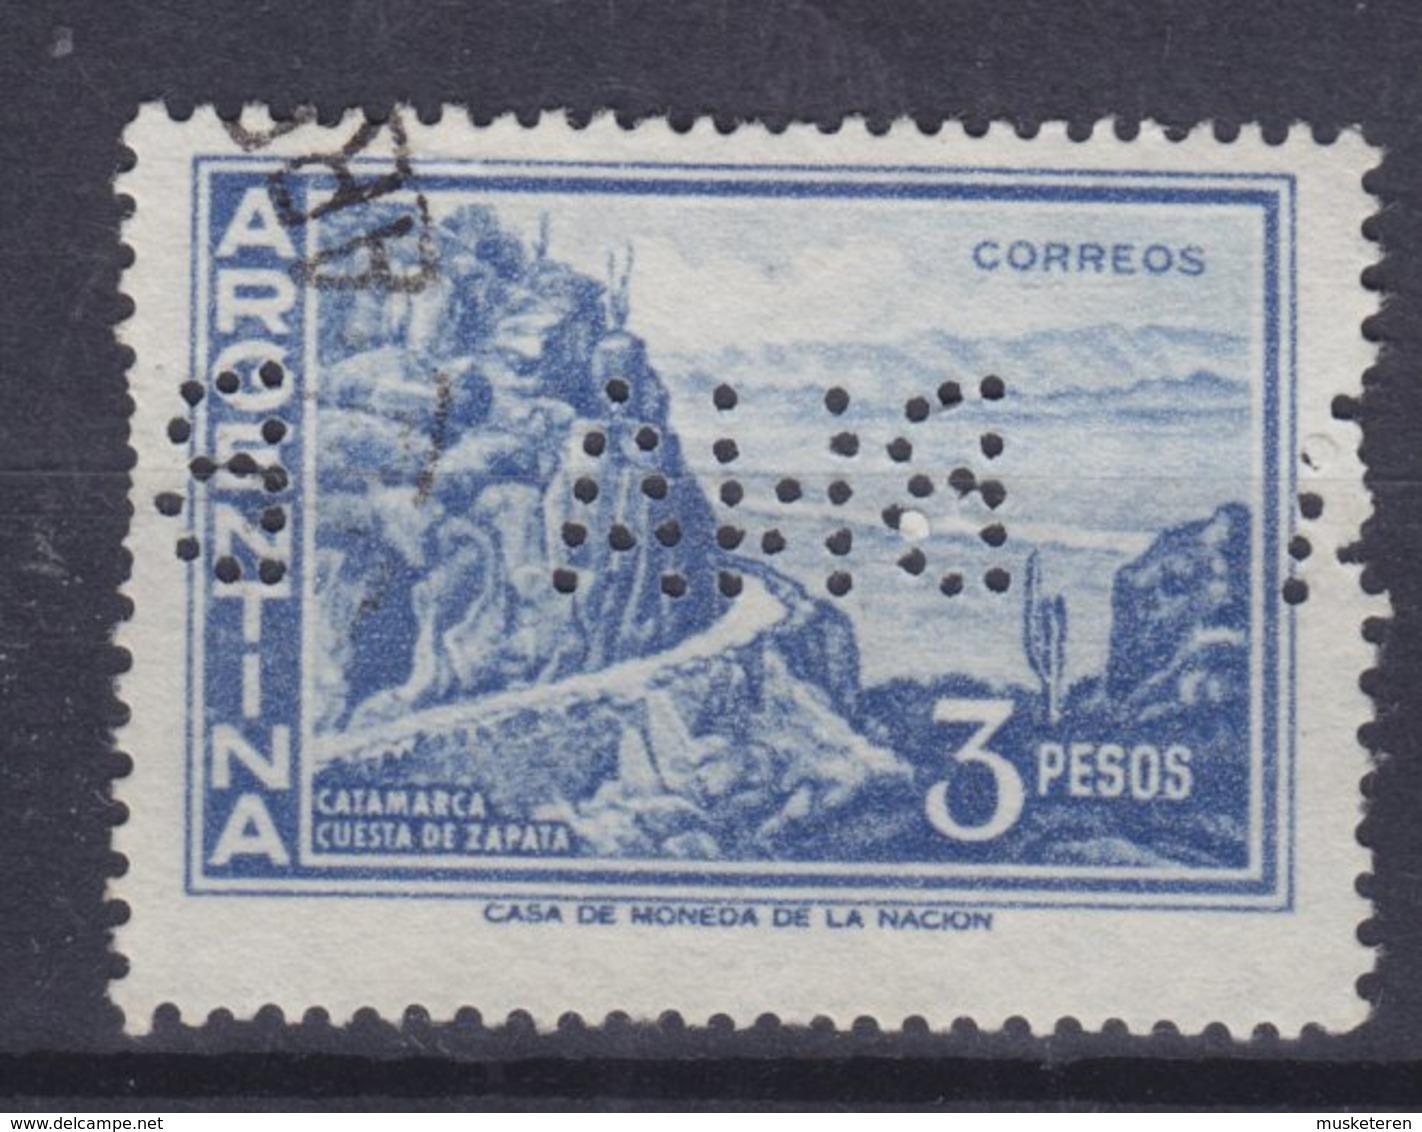 Argentina Perfin Perforé Lochung 'BNA' Banco De La Nación Argentina 1960 Mi. 702, 3p Gebirgsstrasse Abhang Von Zapata - Argentina